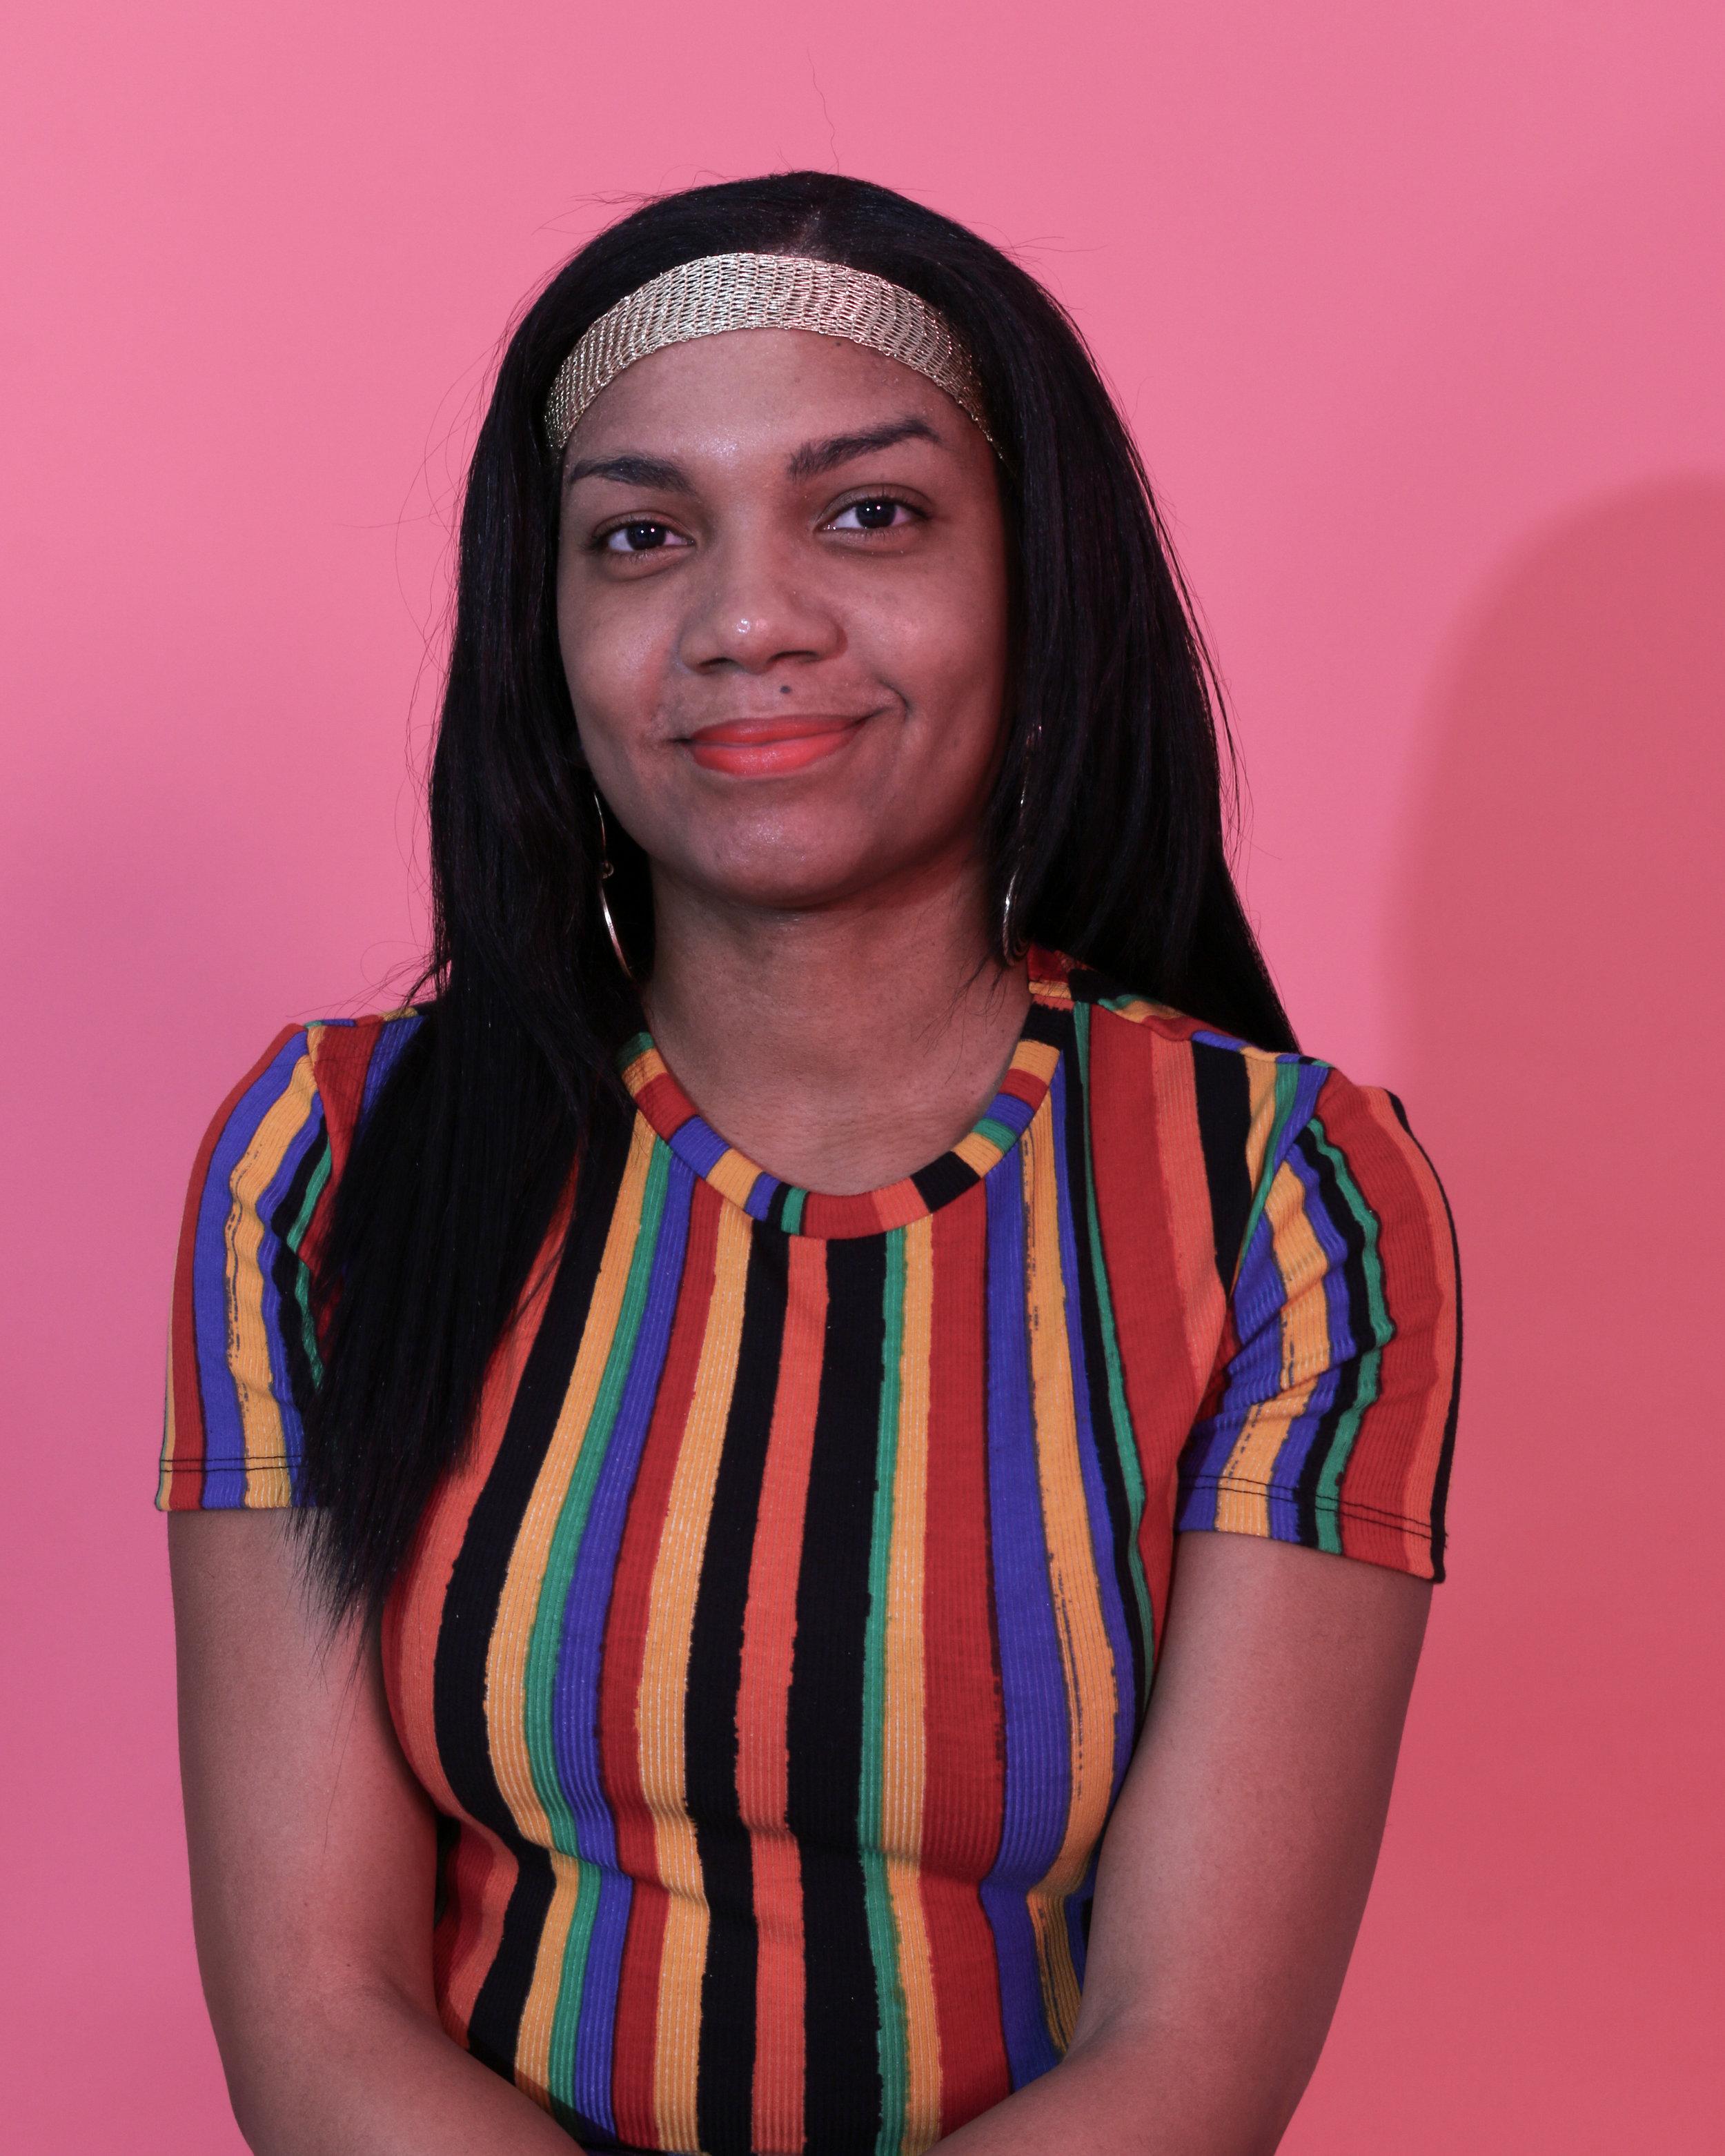 Isha Thorpe - St. Vincent and the Grenadine, 25